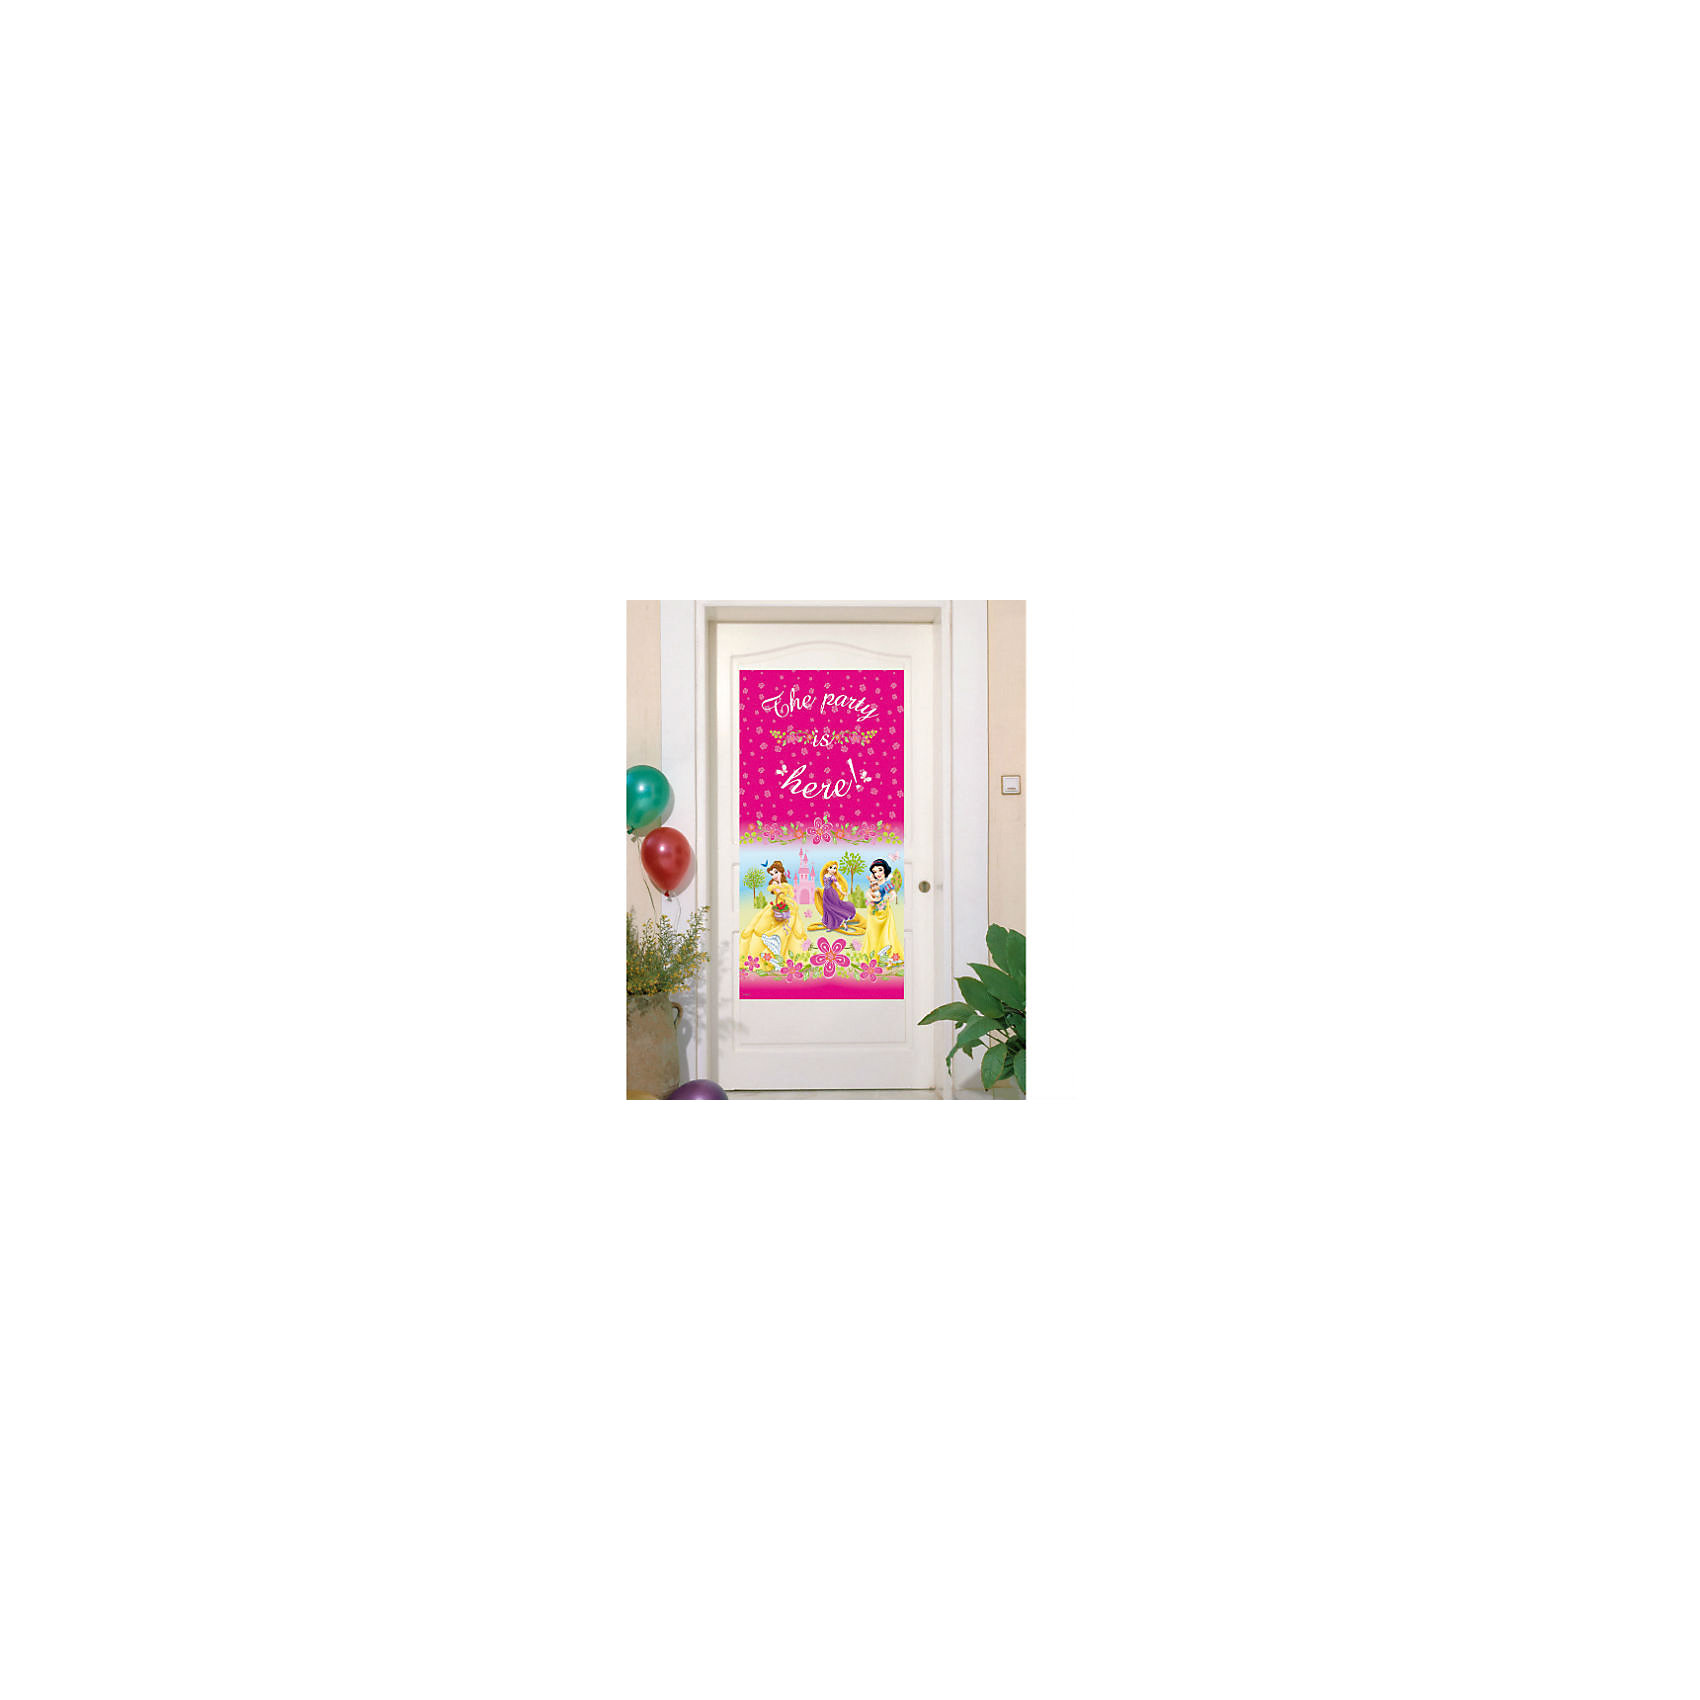 Баннер на дверь Принцессы Disney - Летний замокБаннеры и гирлянды для детской вечеринки<br>Принцессы Дисней – любимые героини мультфильмов: Аврора, Белль. Рапунцель и Белоснежка будут встречать Ваших гостей.  <br>Баннер с принцессами украсит дверь в комнату именинницы и создаст праздничное настроение гостям.  <br><br>В набор входит 1 баннер.<br><br>Ширина мм: 4<br>Глубина мм: 175<br>Высота мм: 287<br>Вес г: 10<br>Возраст от месяцев: -2147483648<br>Возраст до месяцев: 2147483647<br>Пол: Женский<br>Возраст: Детский<br>SKU: 7128892